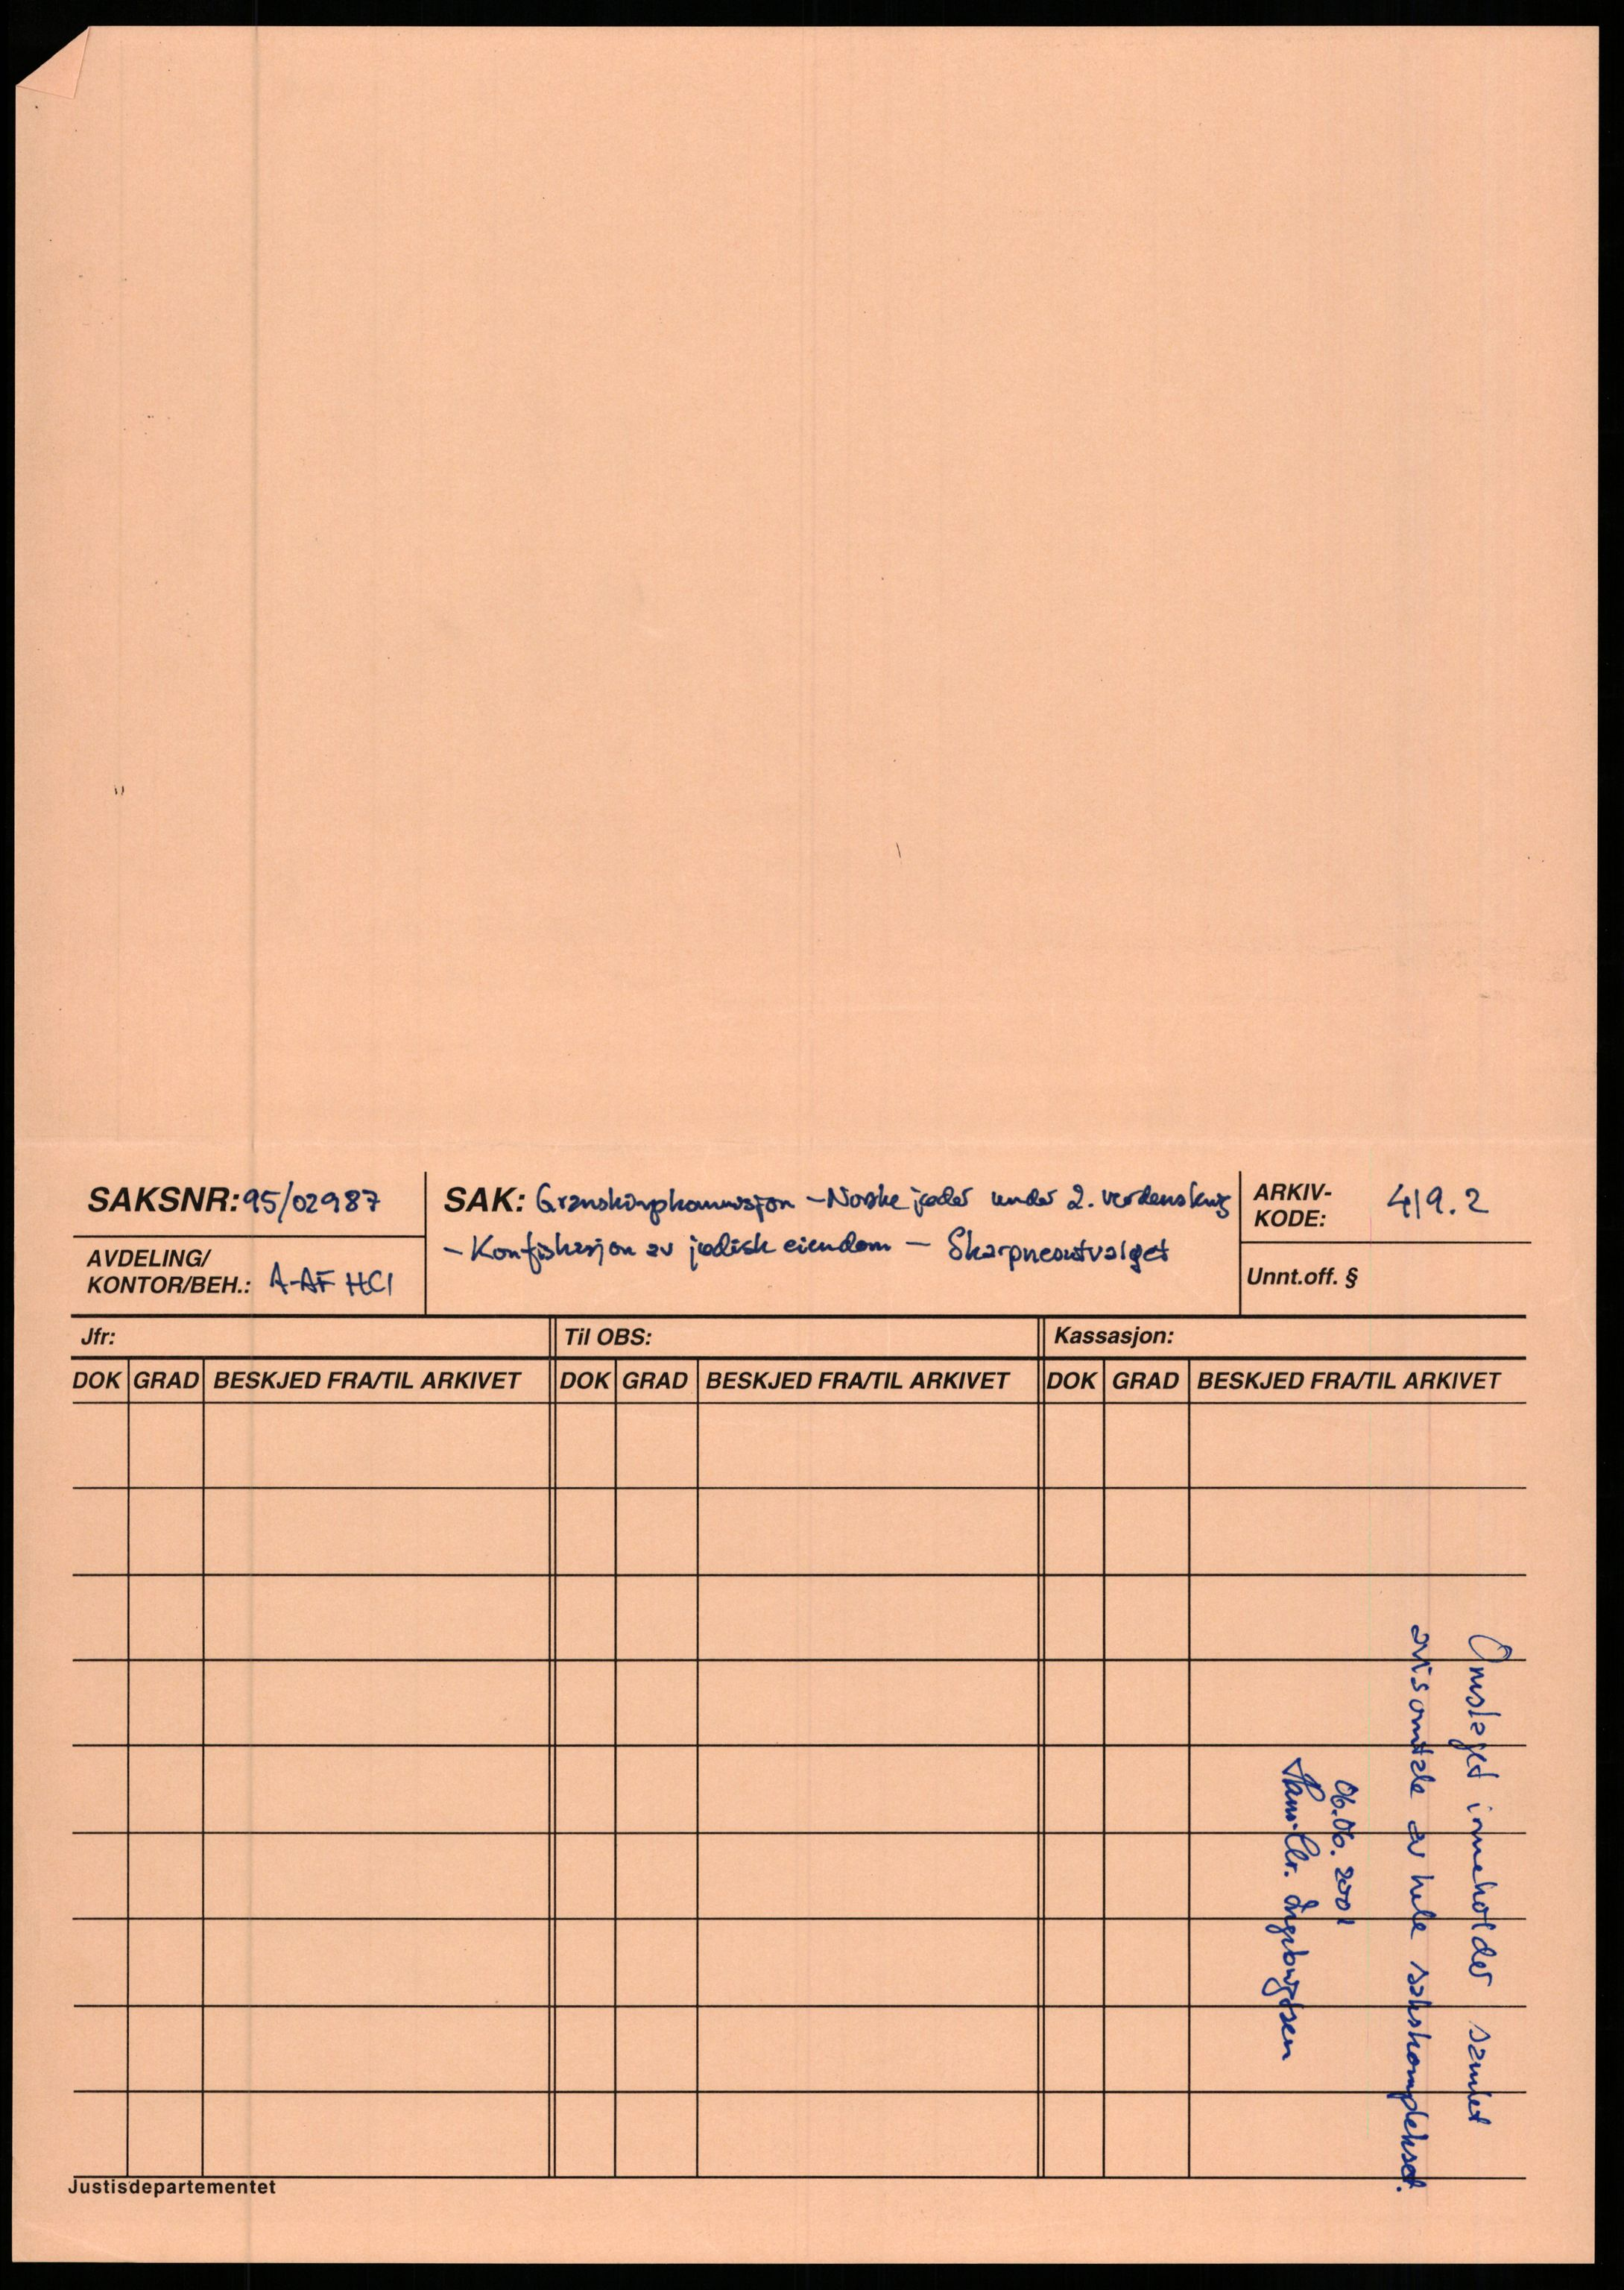 RA, Justisdepartementet, Sivilavdelingen (RA/S-6490), 1995-1997, s. 2